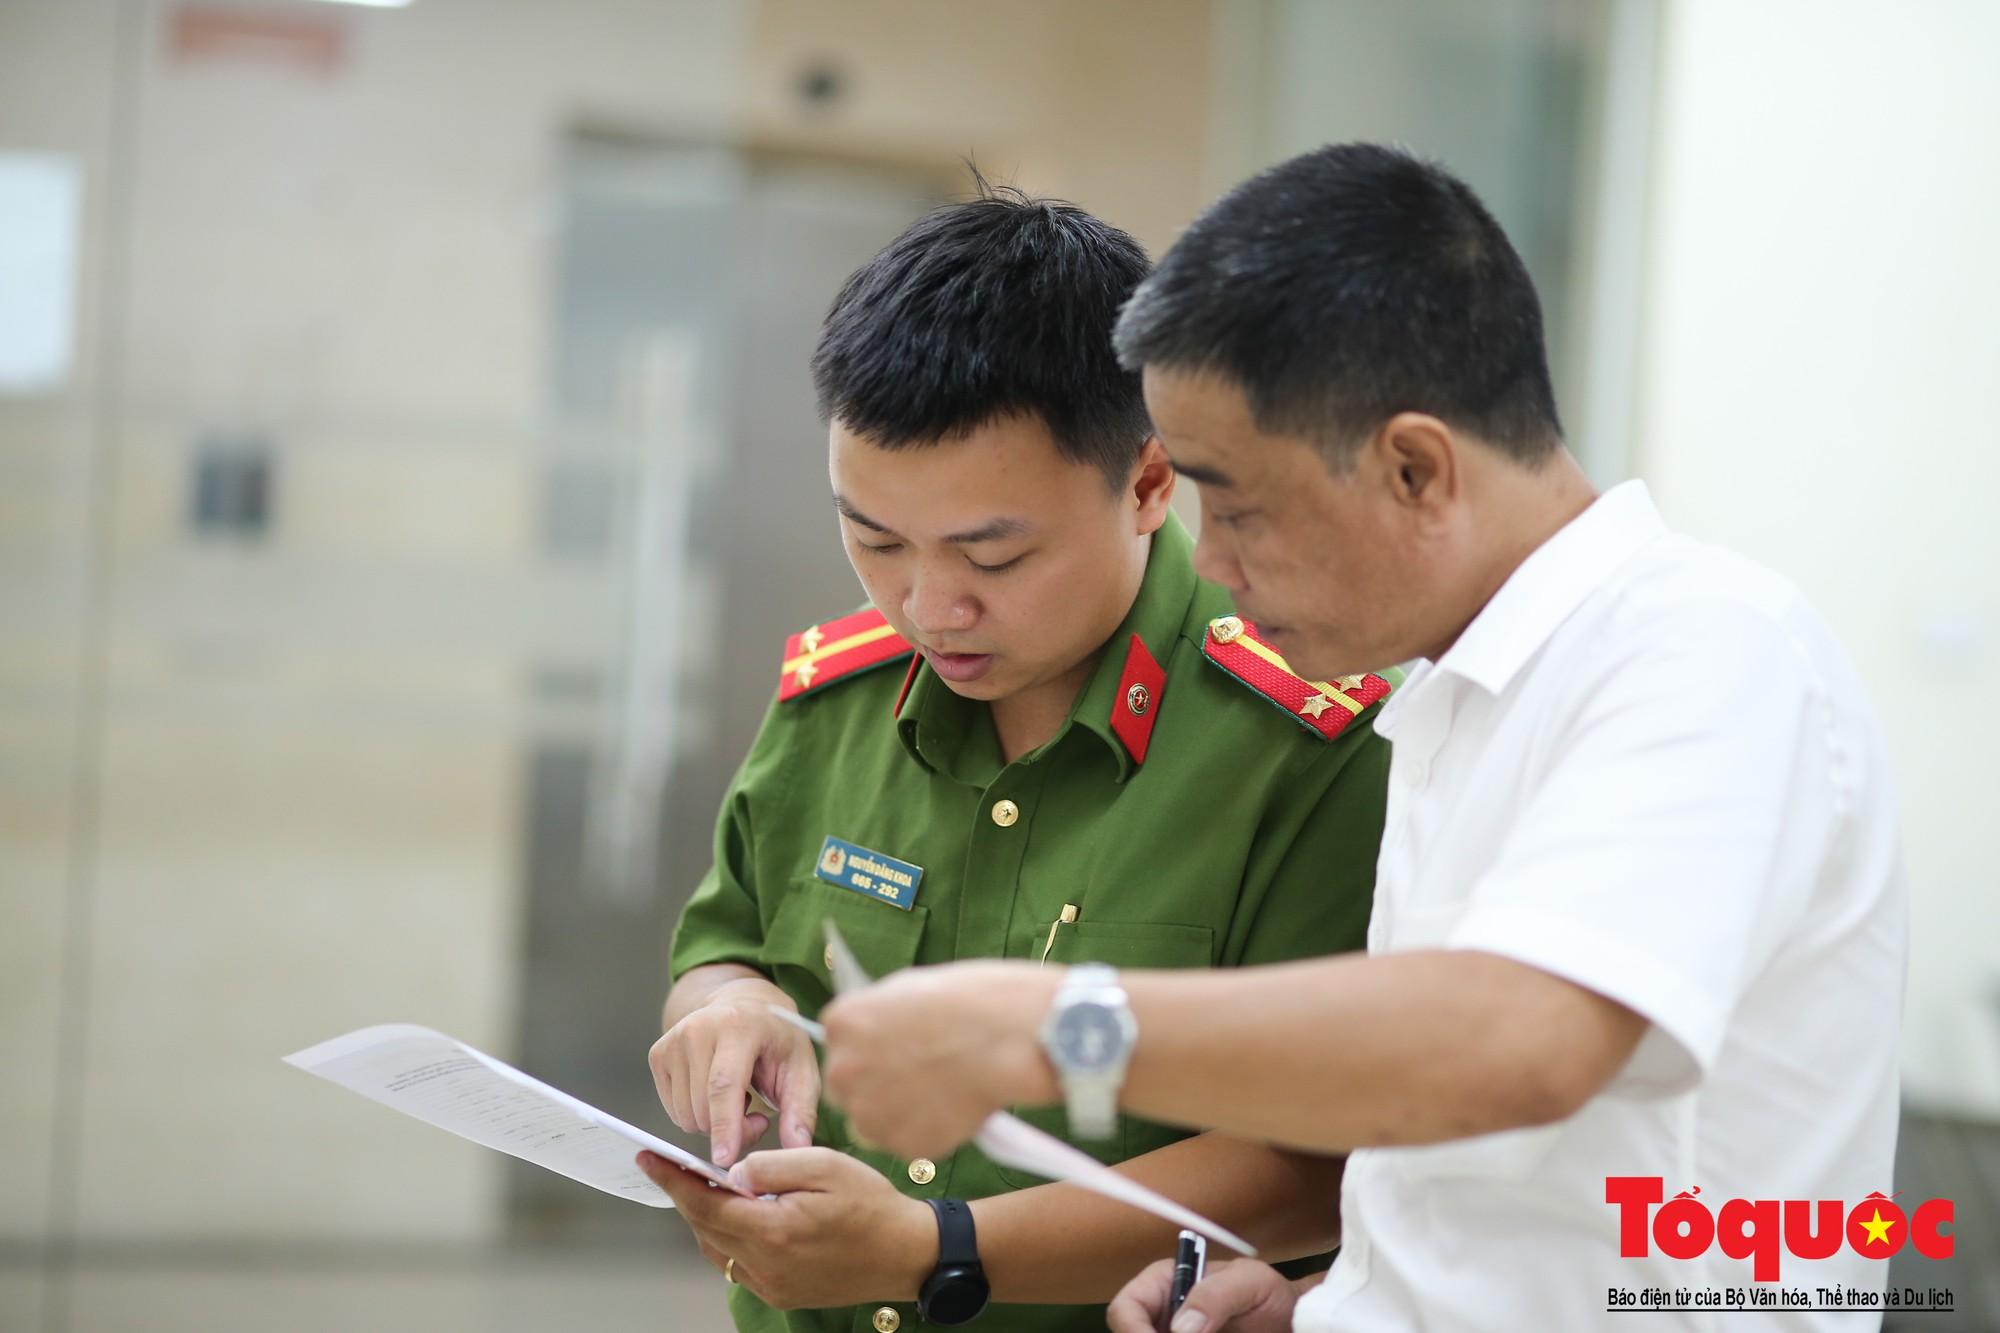 Lực lượng Công an Thủ đô vui tươi, tình nguyện phục vụ nhân dân trong Chủ Nhật (5)